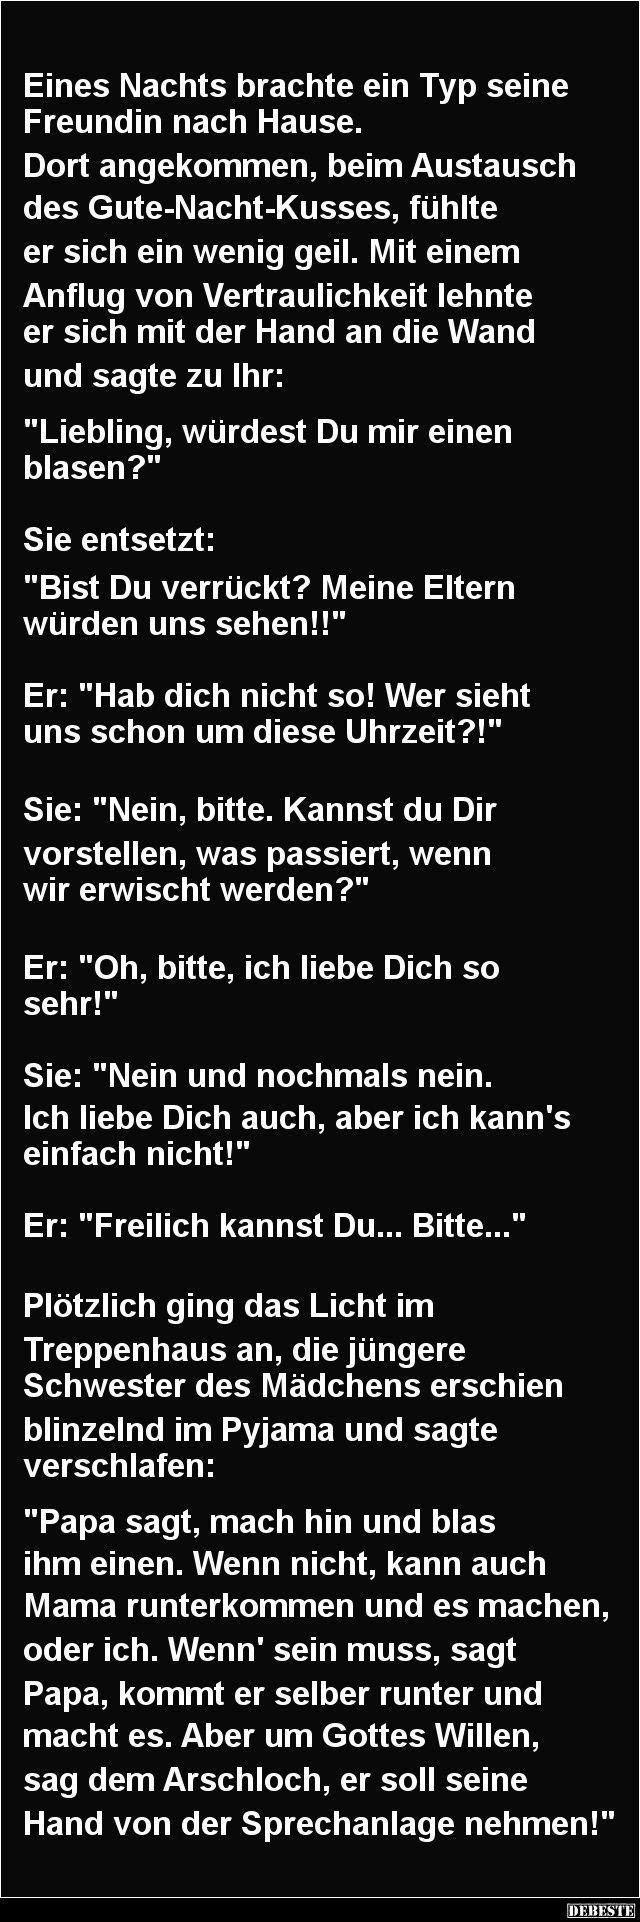 Eines Nachts brachte ein Typ seine Freundin nach Hause | DEBESTE.de, Lustige Bilder, Sprüche, Witze und Videos #funnyfails